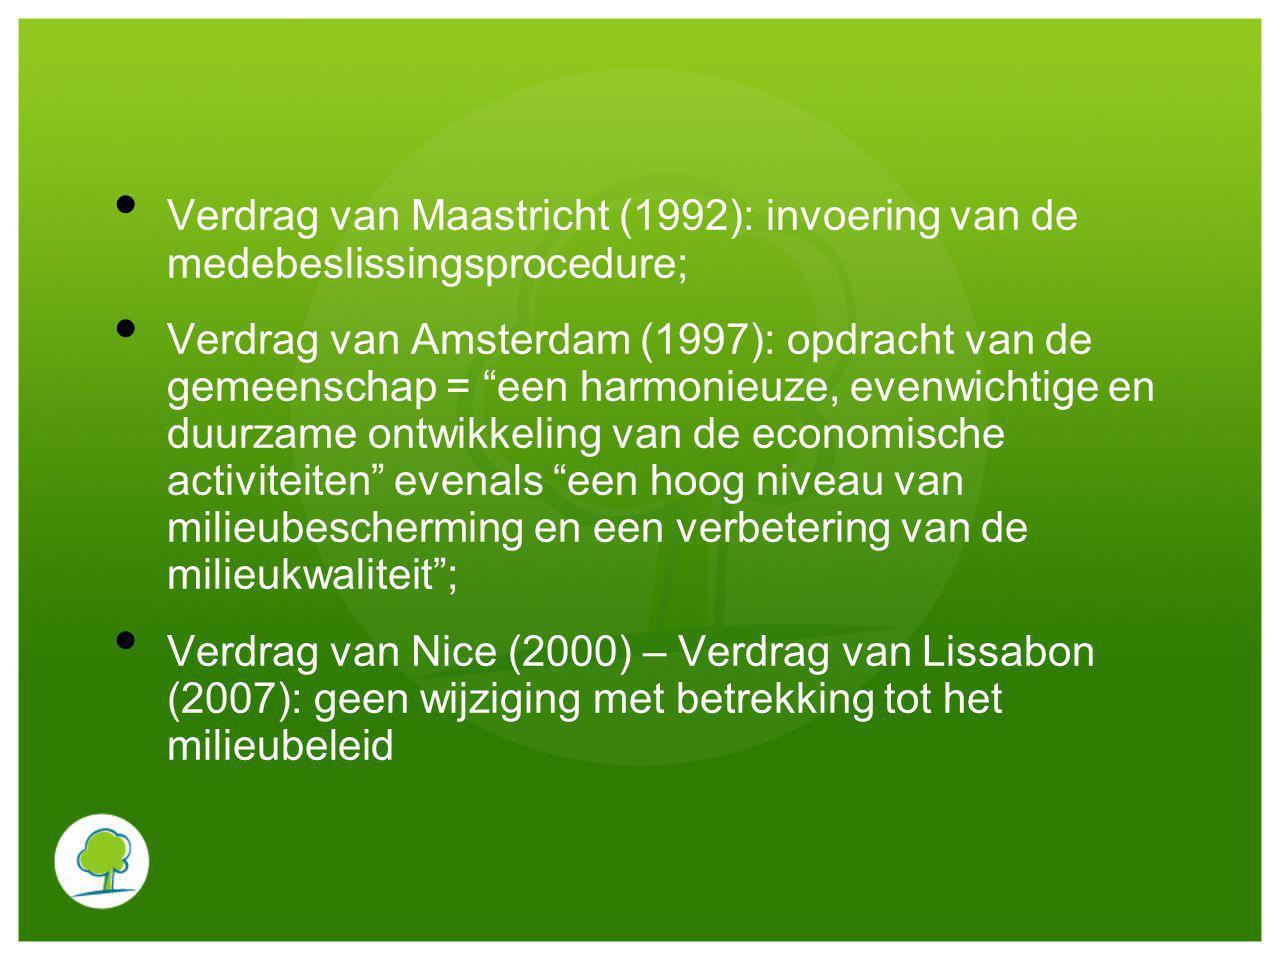 Verdrag van Maastricht (1992): invoering van de medebeslissingsprocedure;